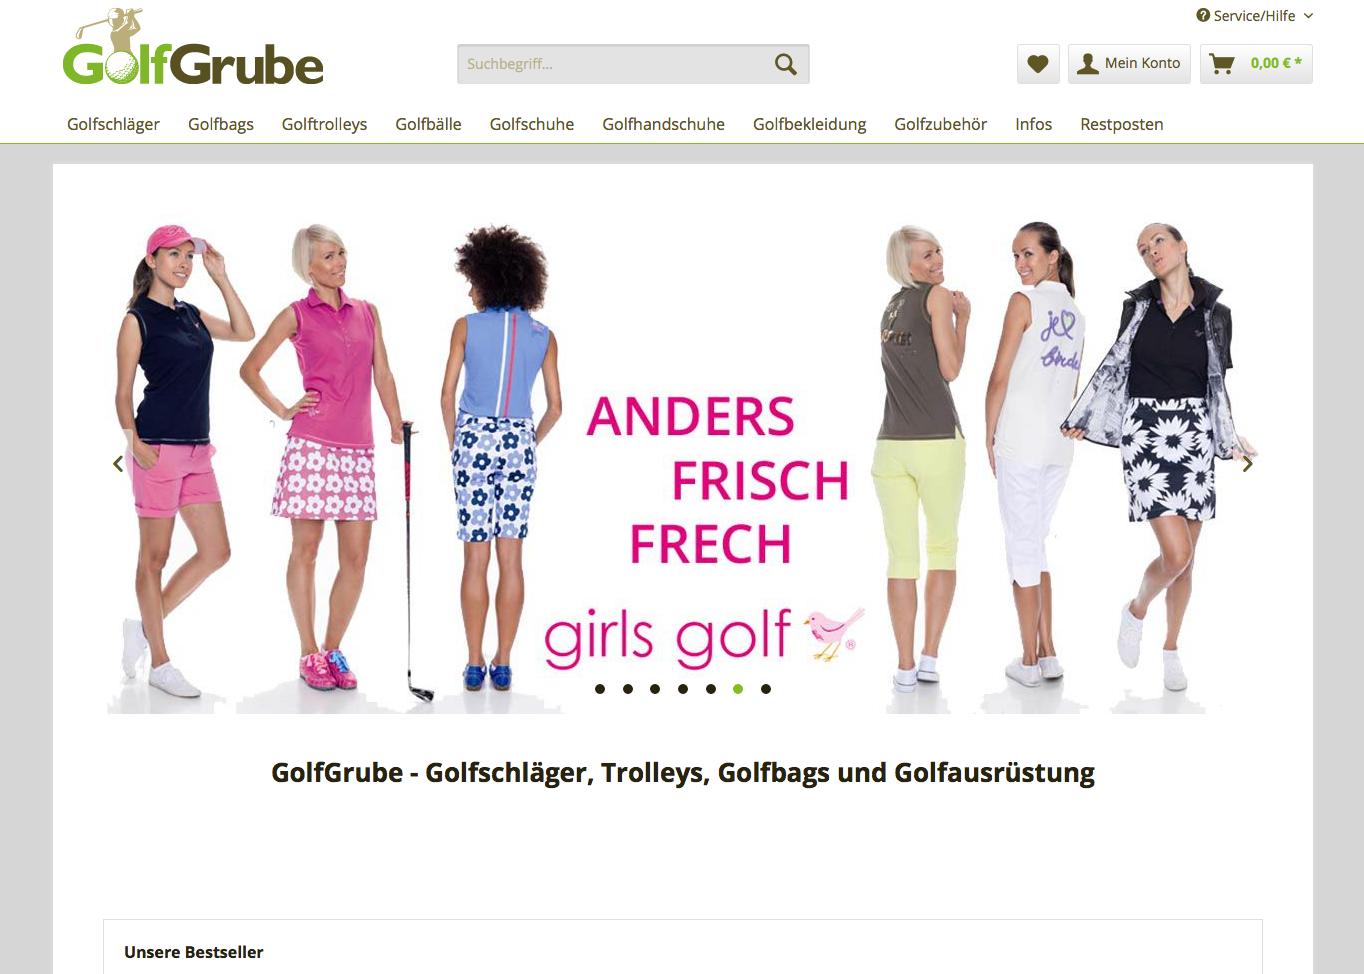 GolfGrube Gutschein